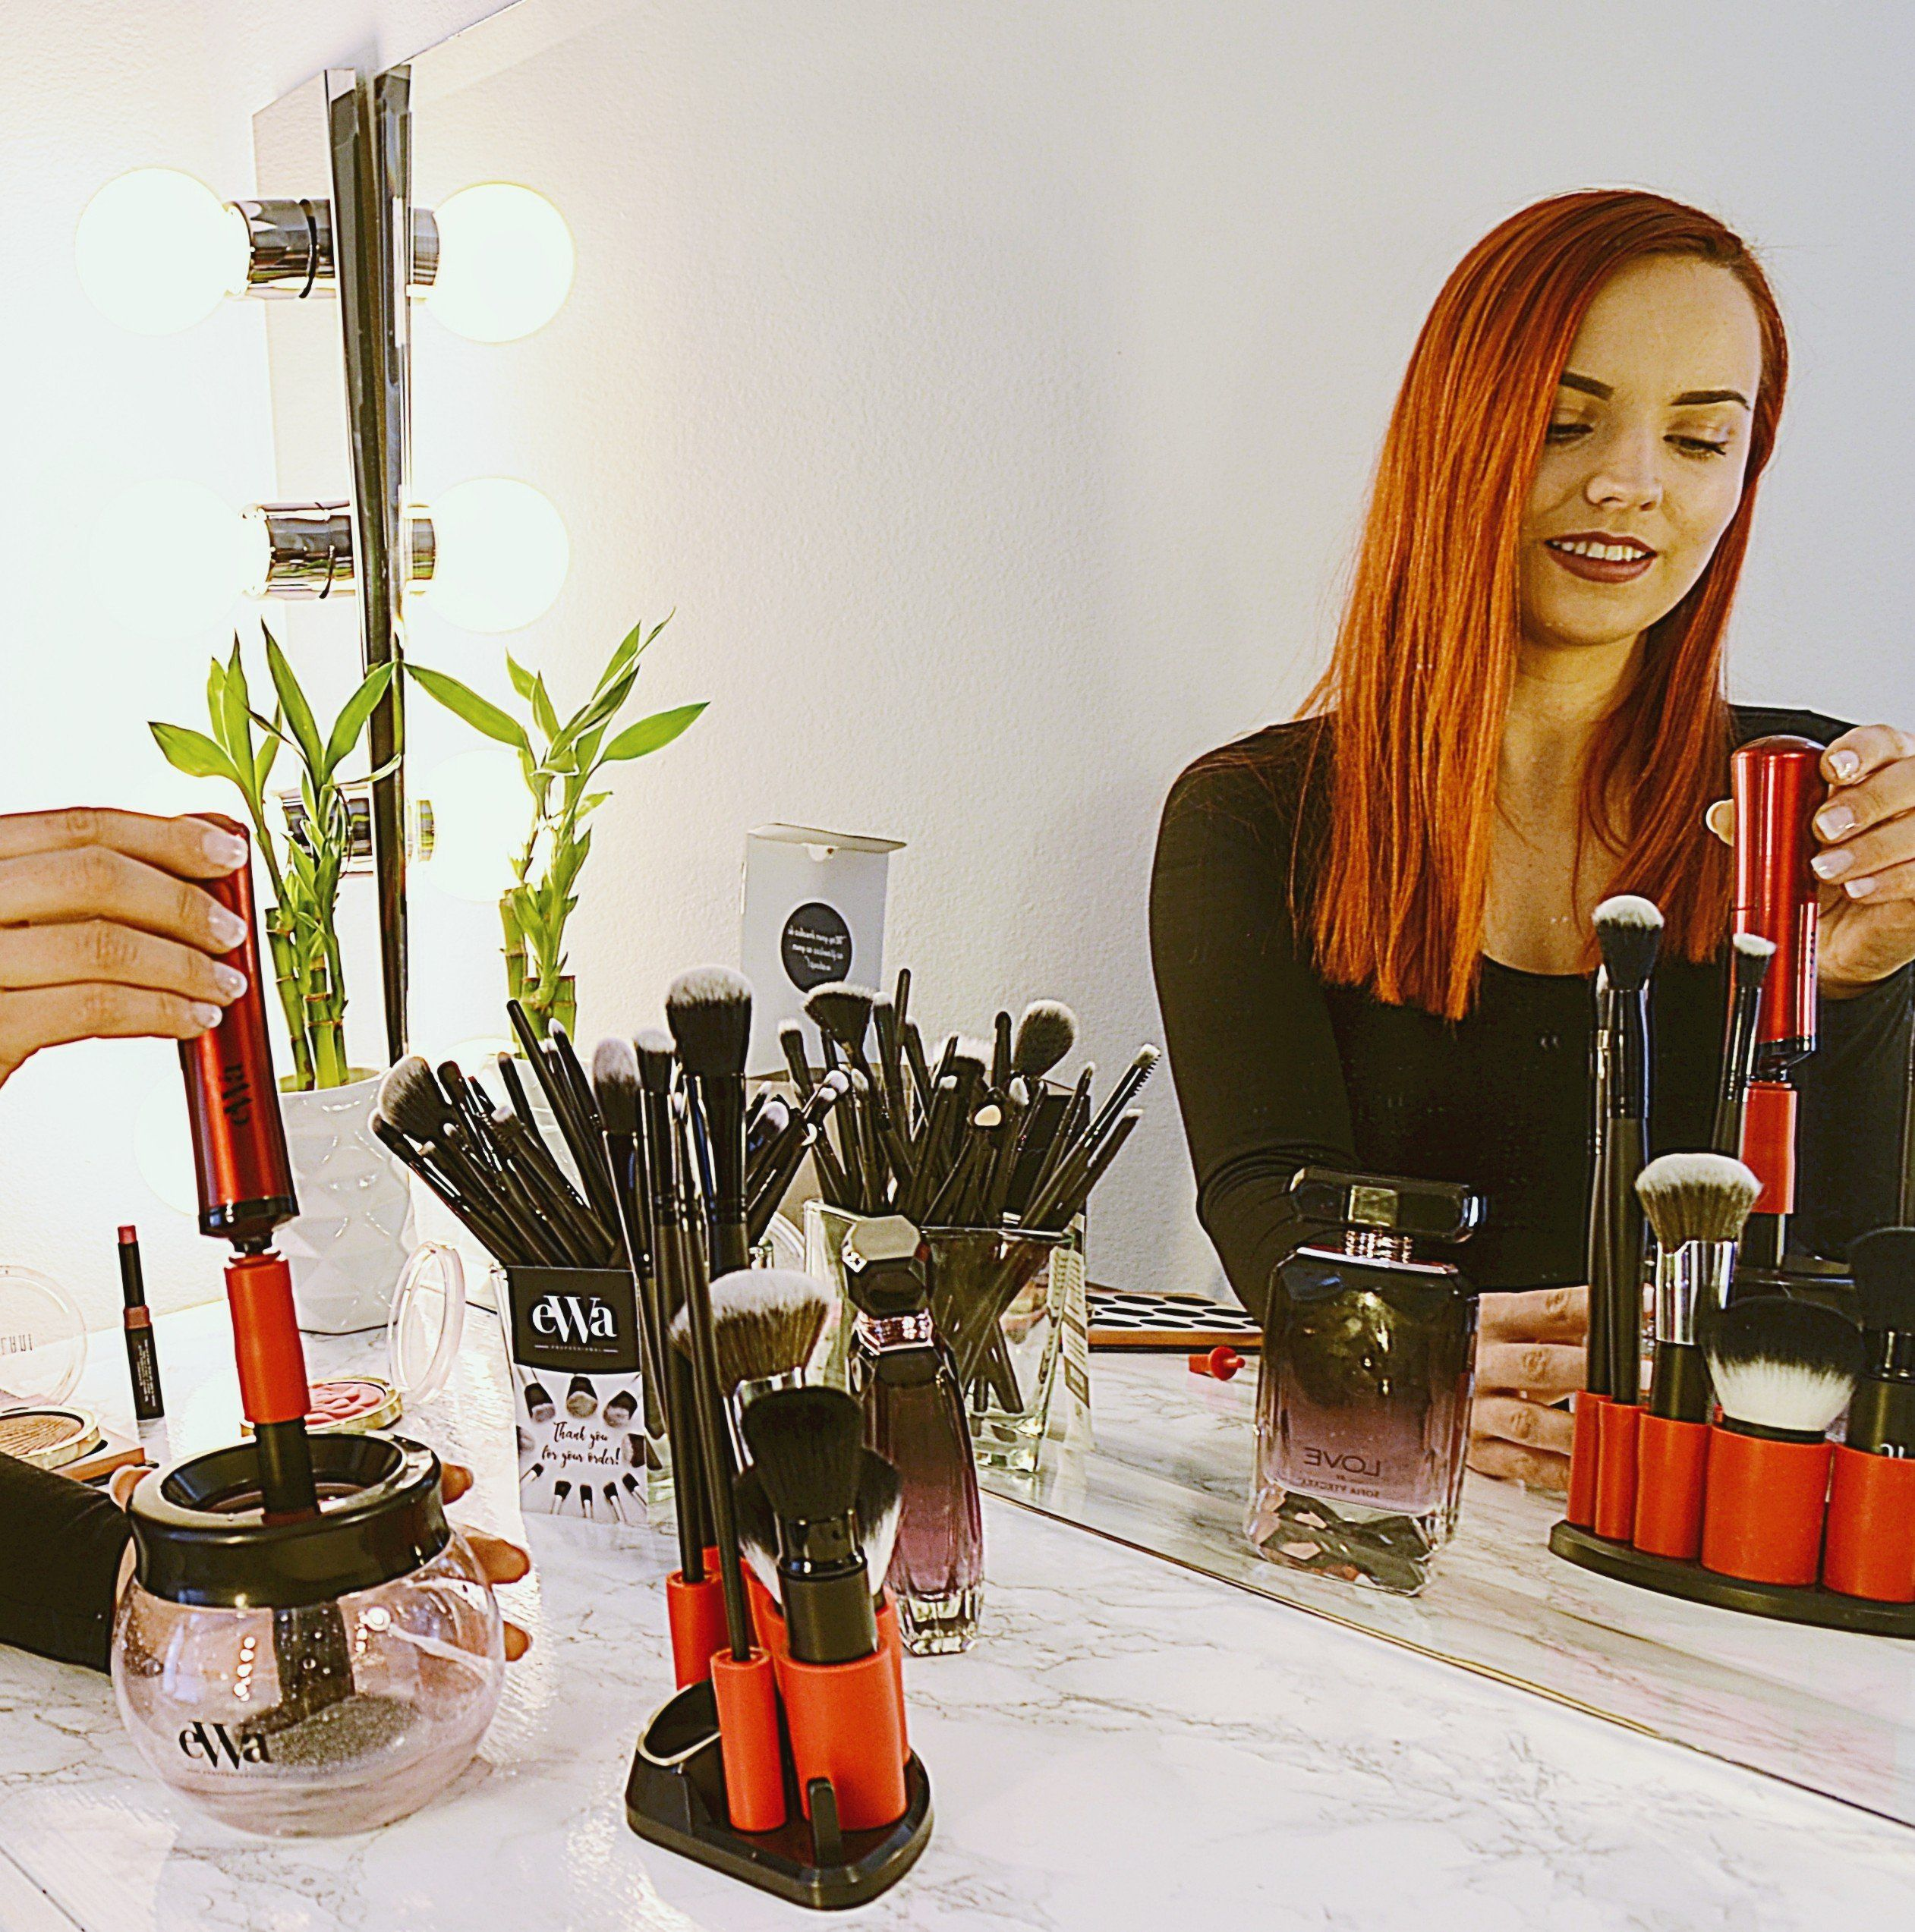 Ewa Professional Makeup Brush Cleaner and Dryer Machine